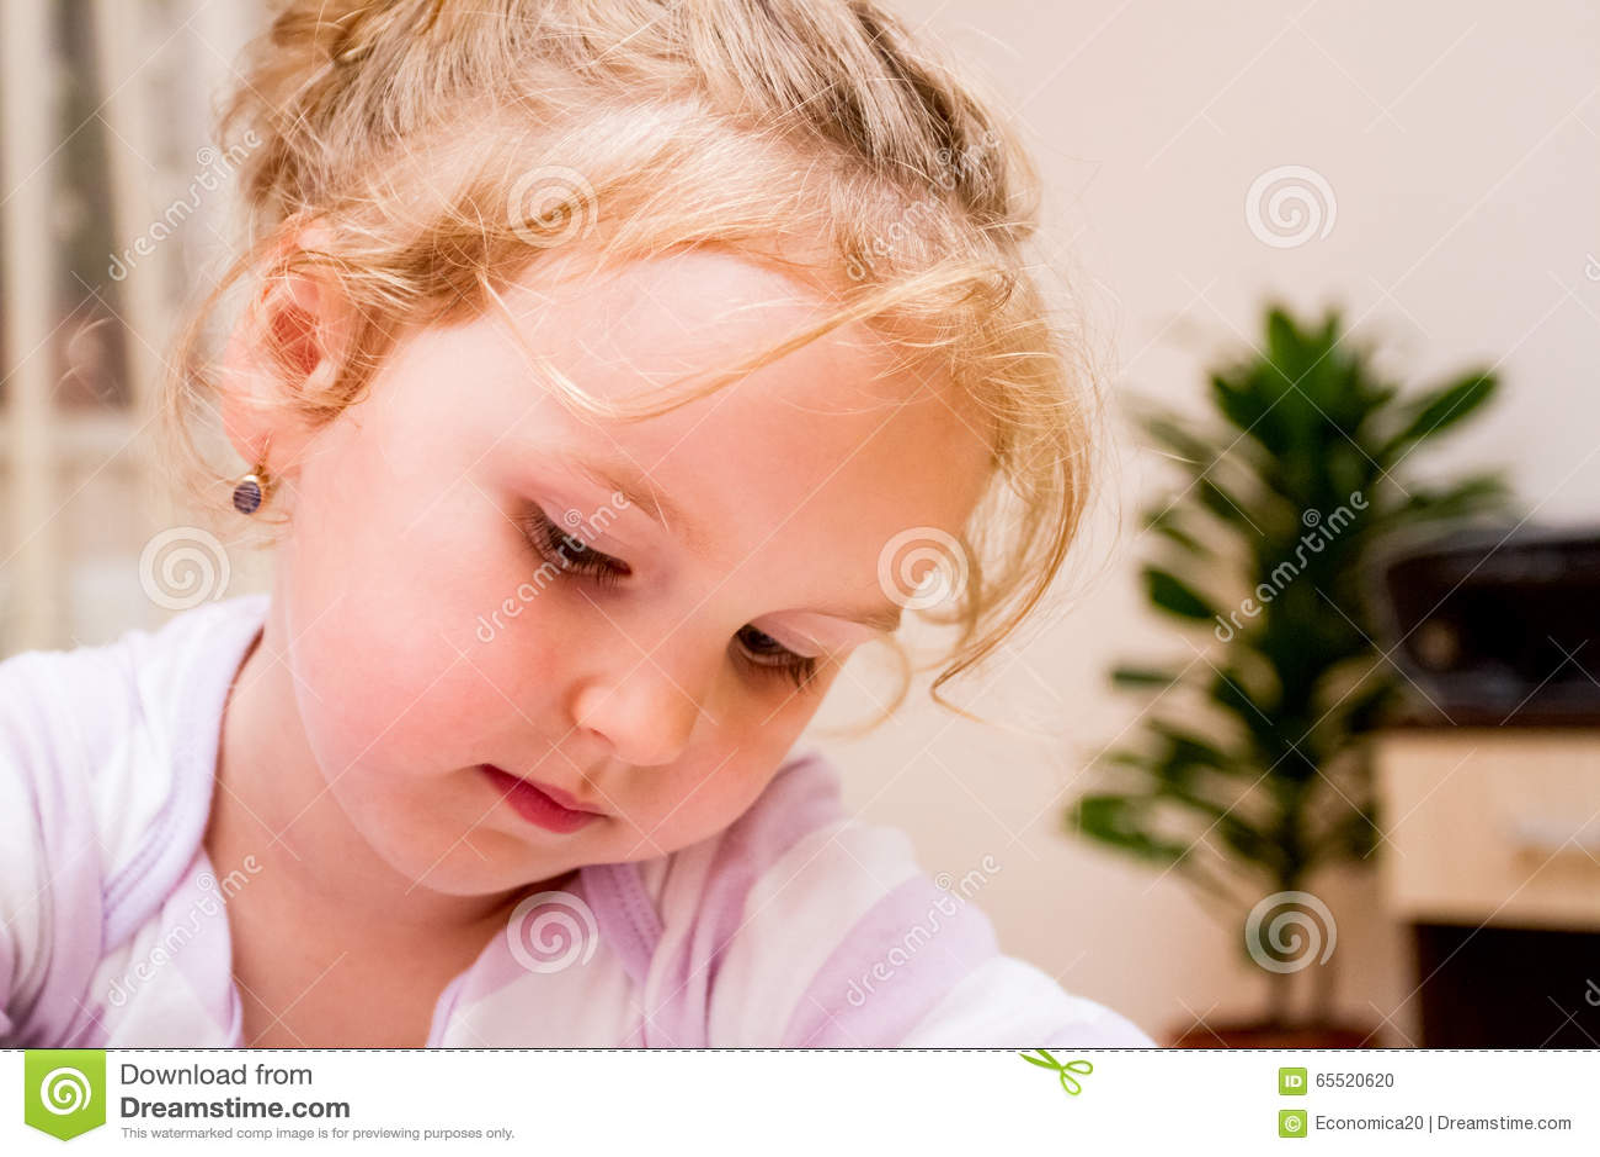 Stående av en söt liten flicka